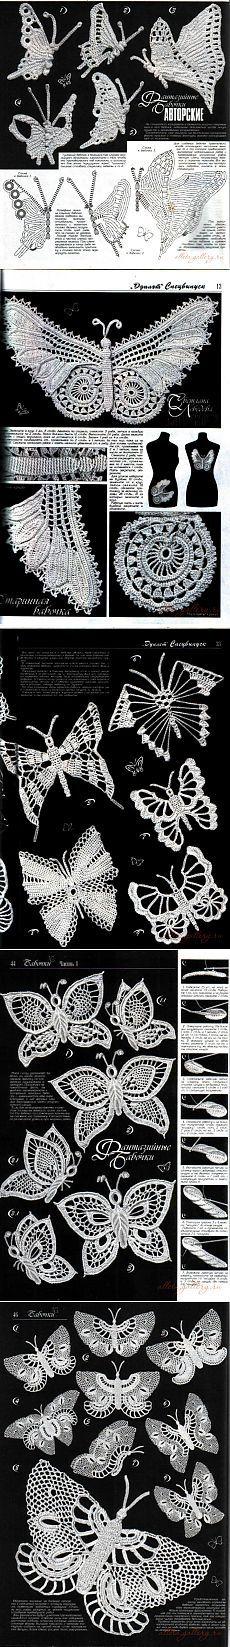 Coleção malha borboletas.  Parte 1 ..